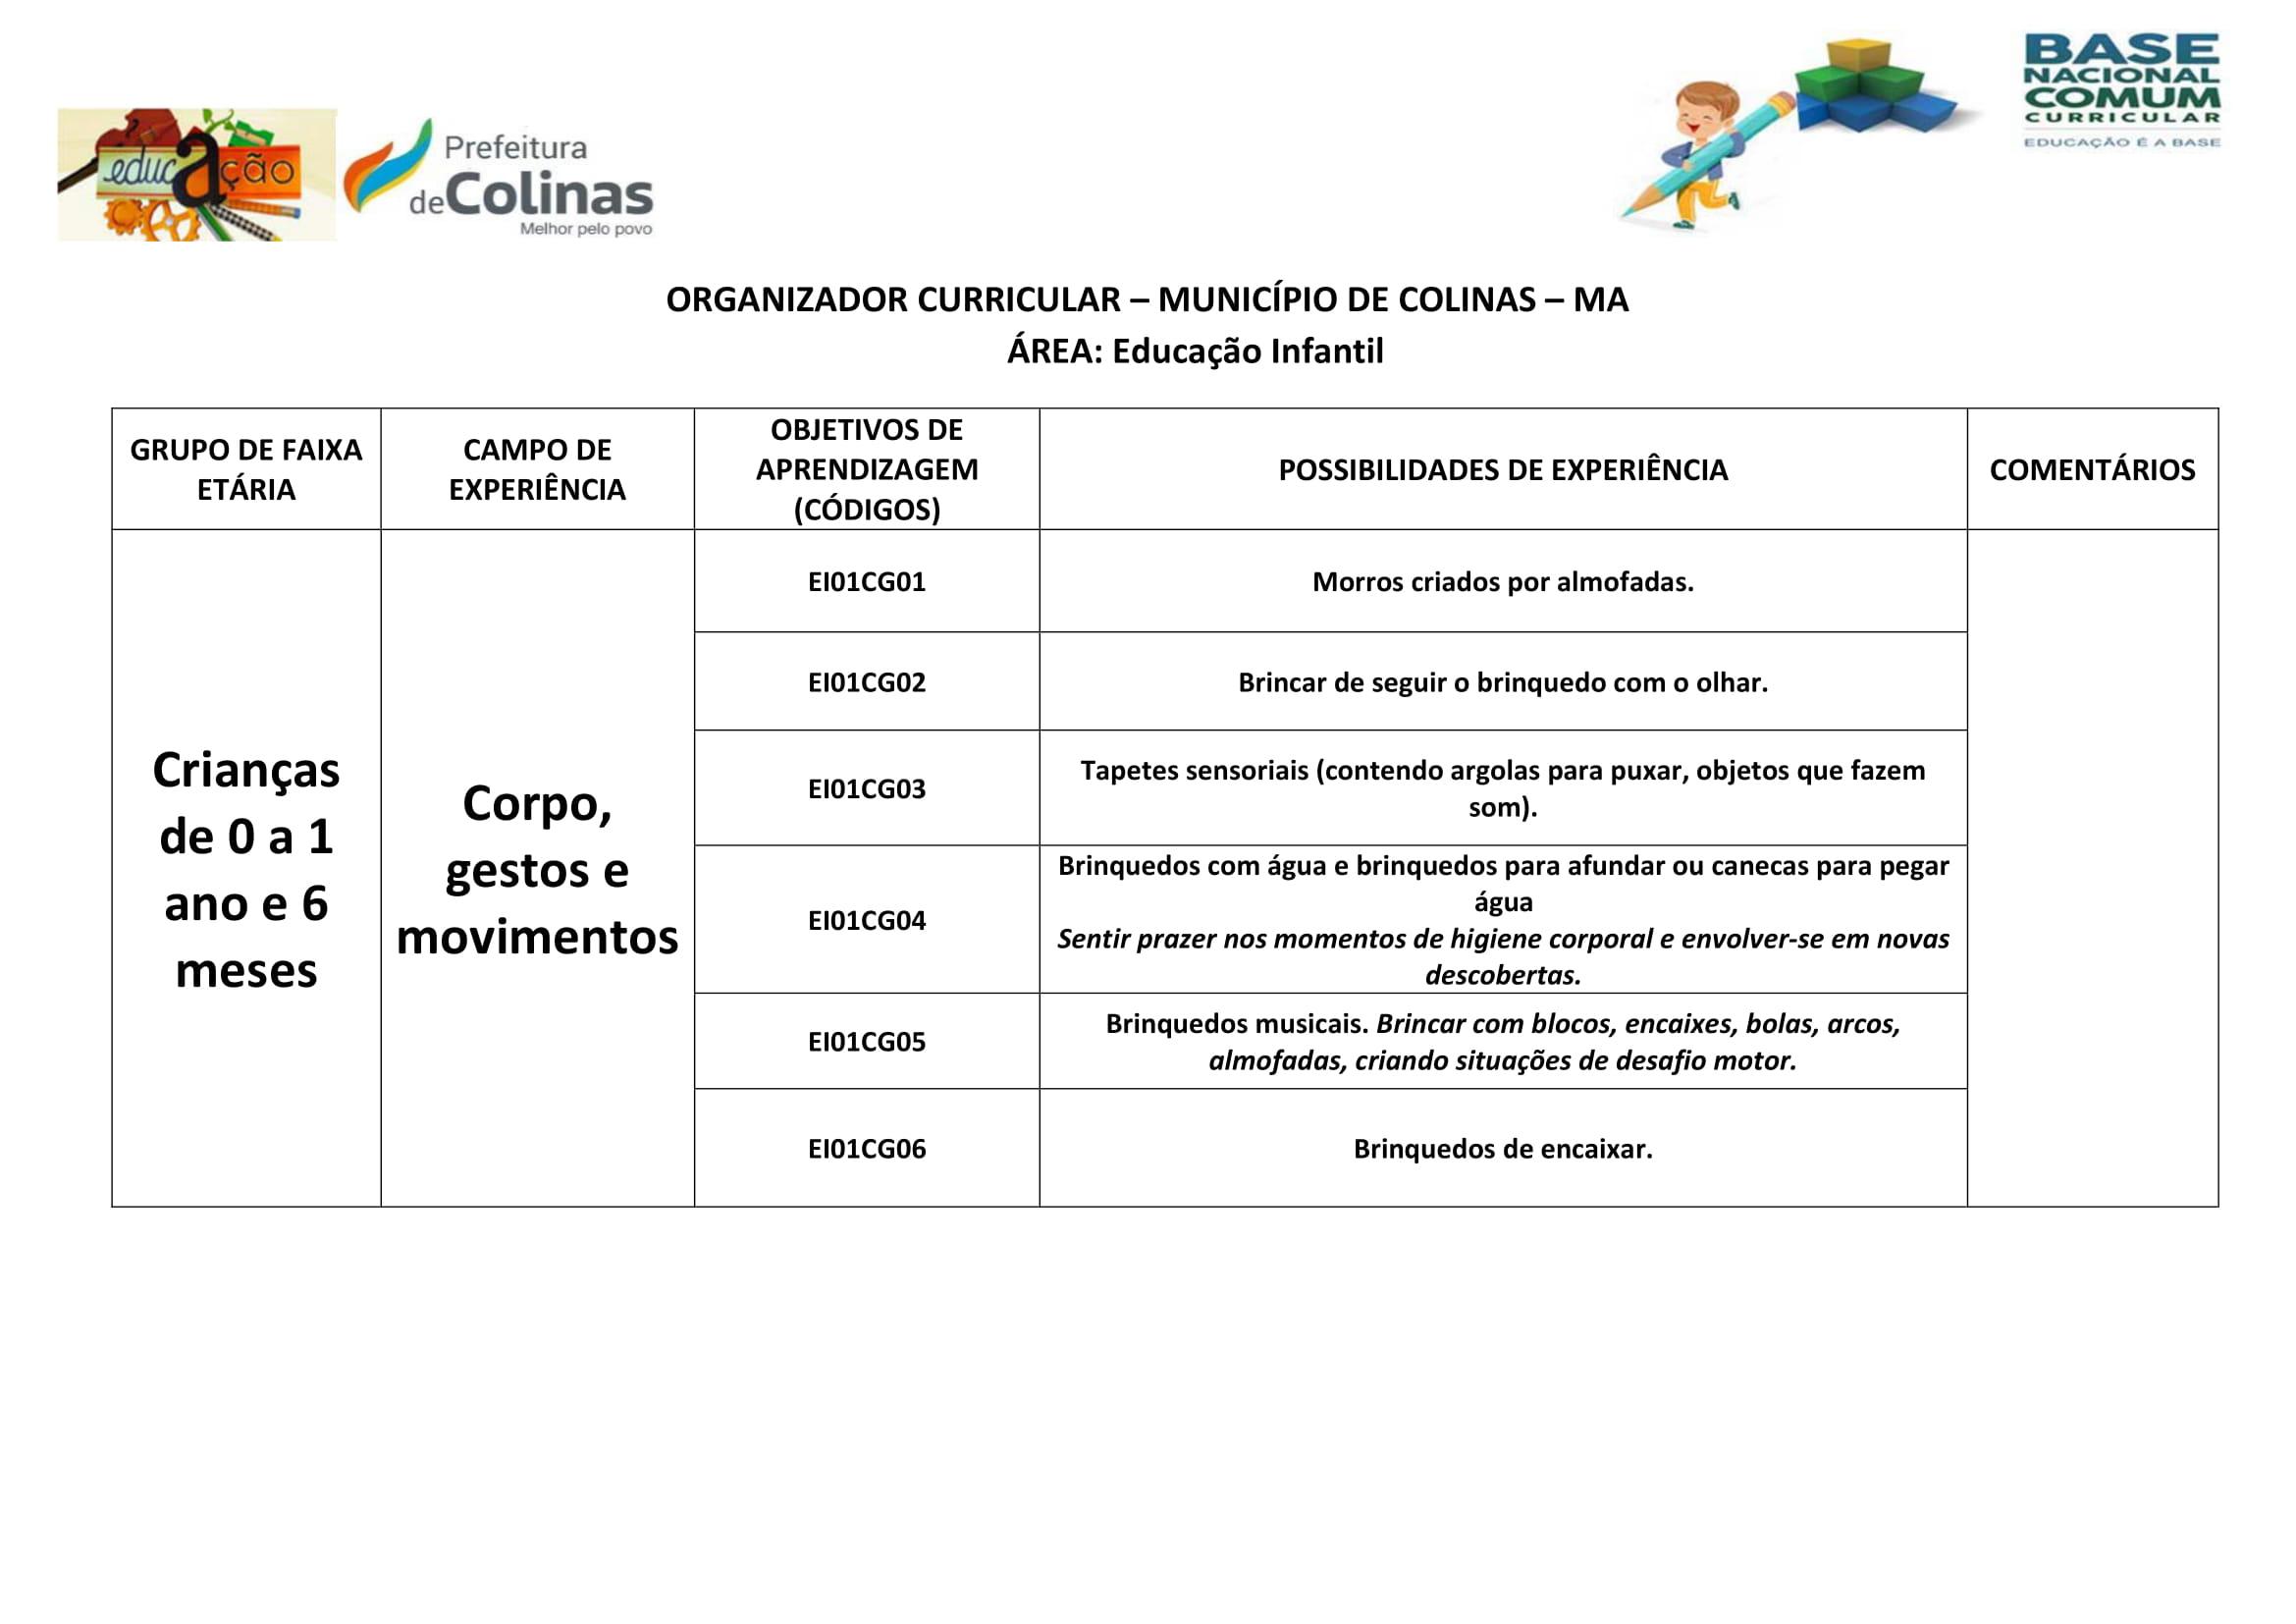 planejamento-educação-infantil-bncc-geral-35